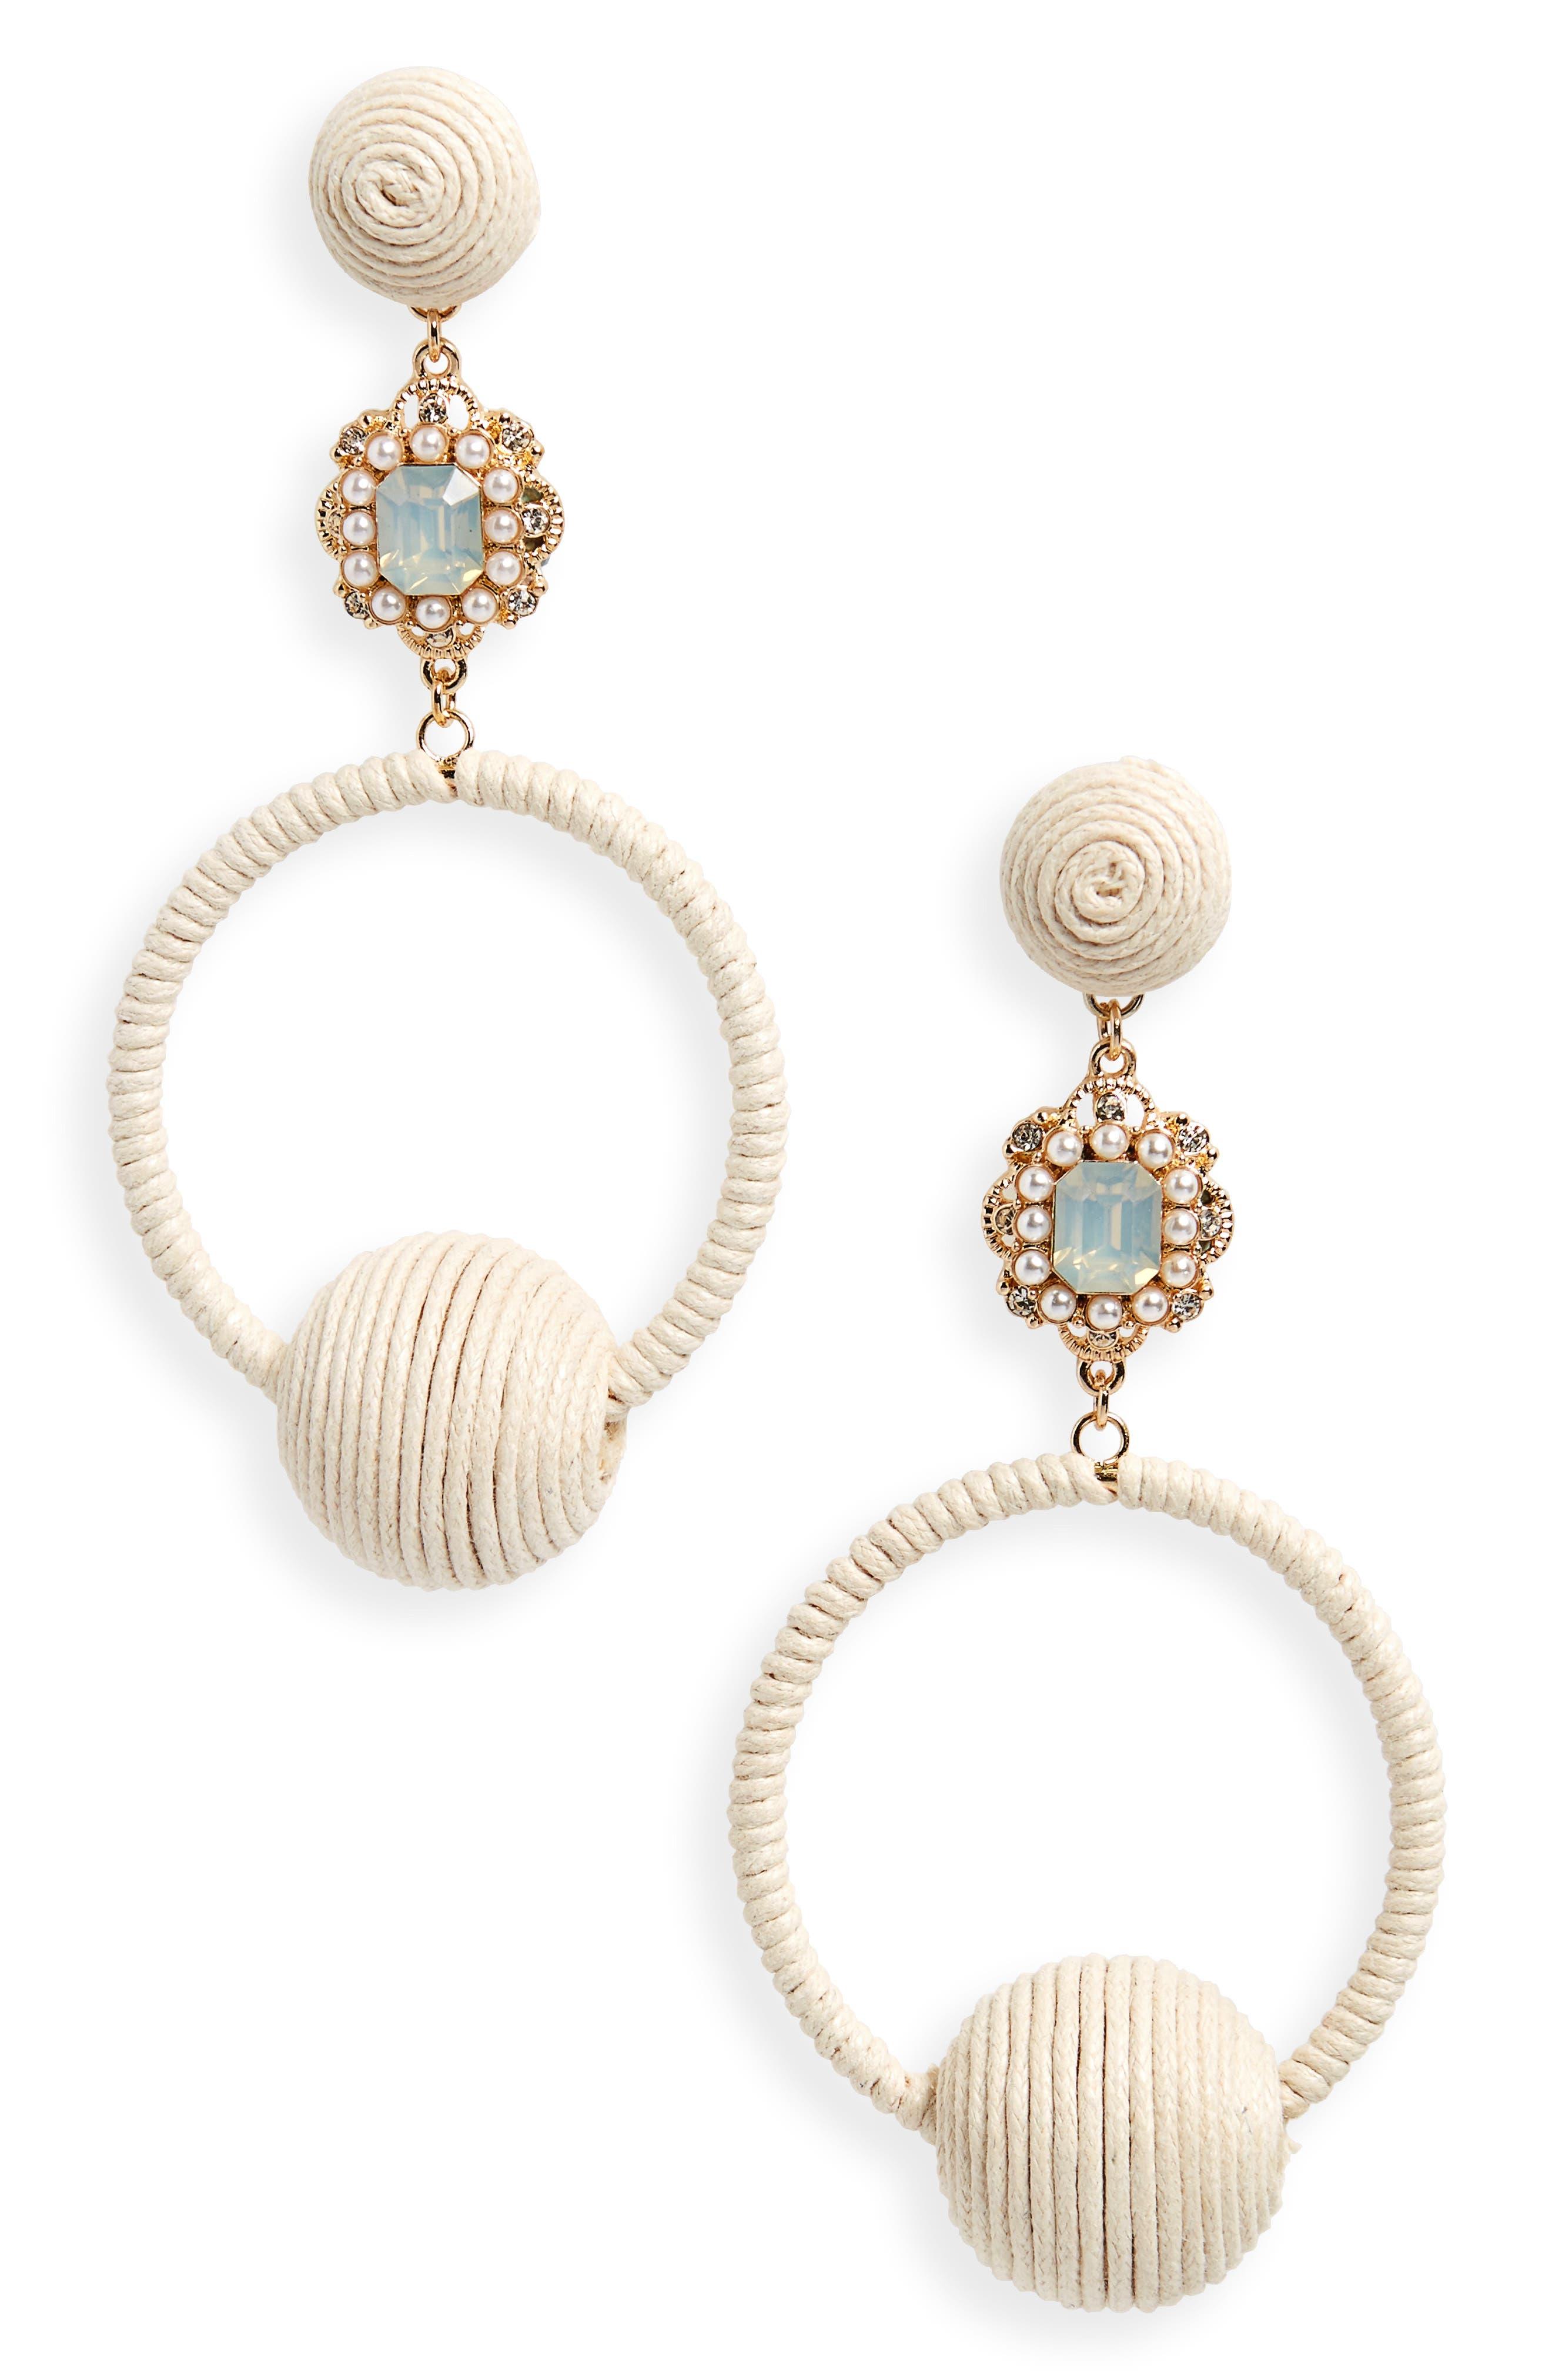 Main Image - Kitsch String Wrapped Crystal Hoop Earrings